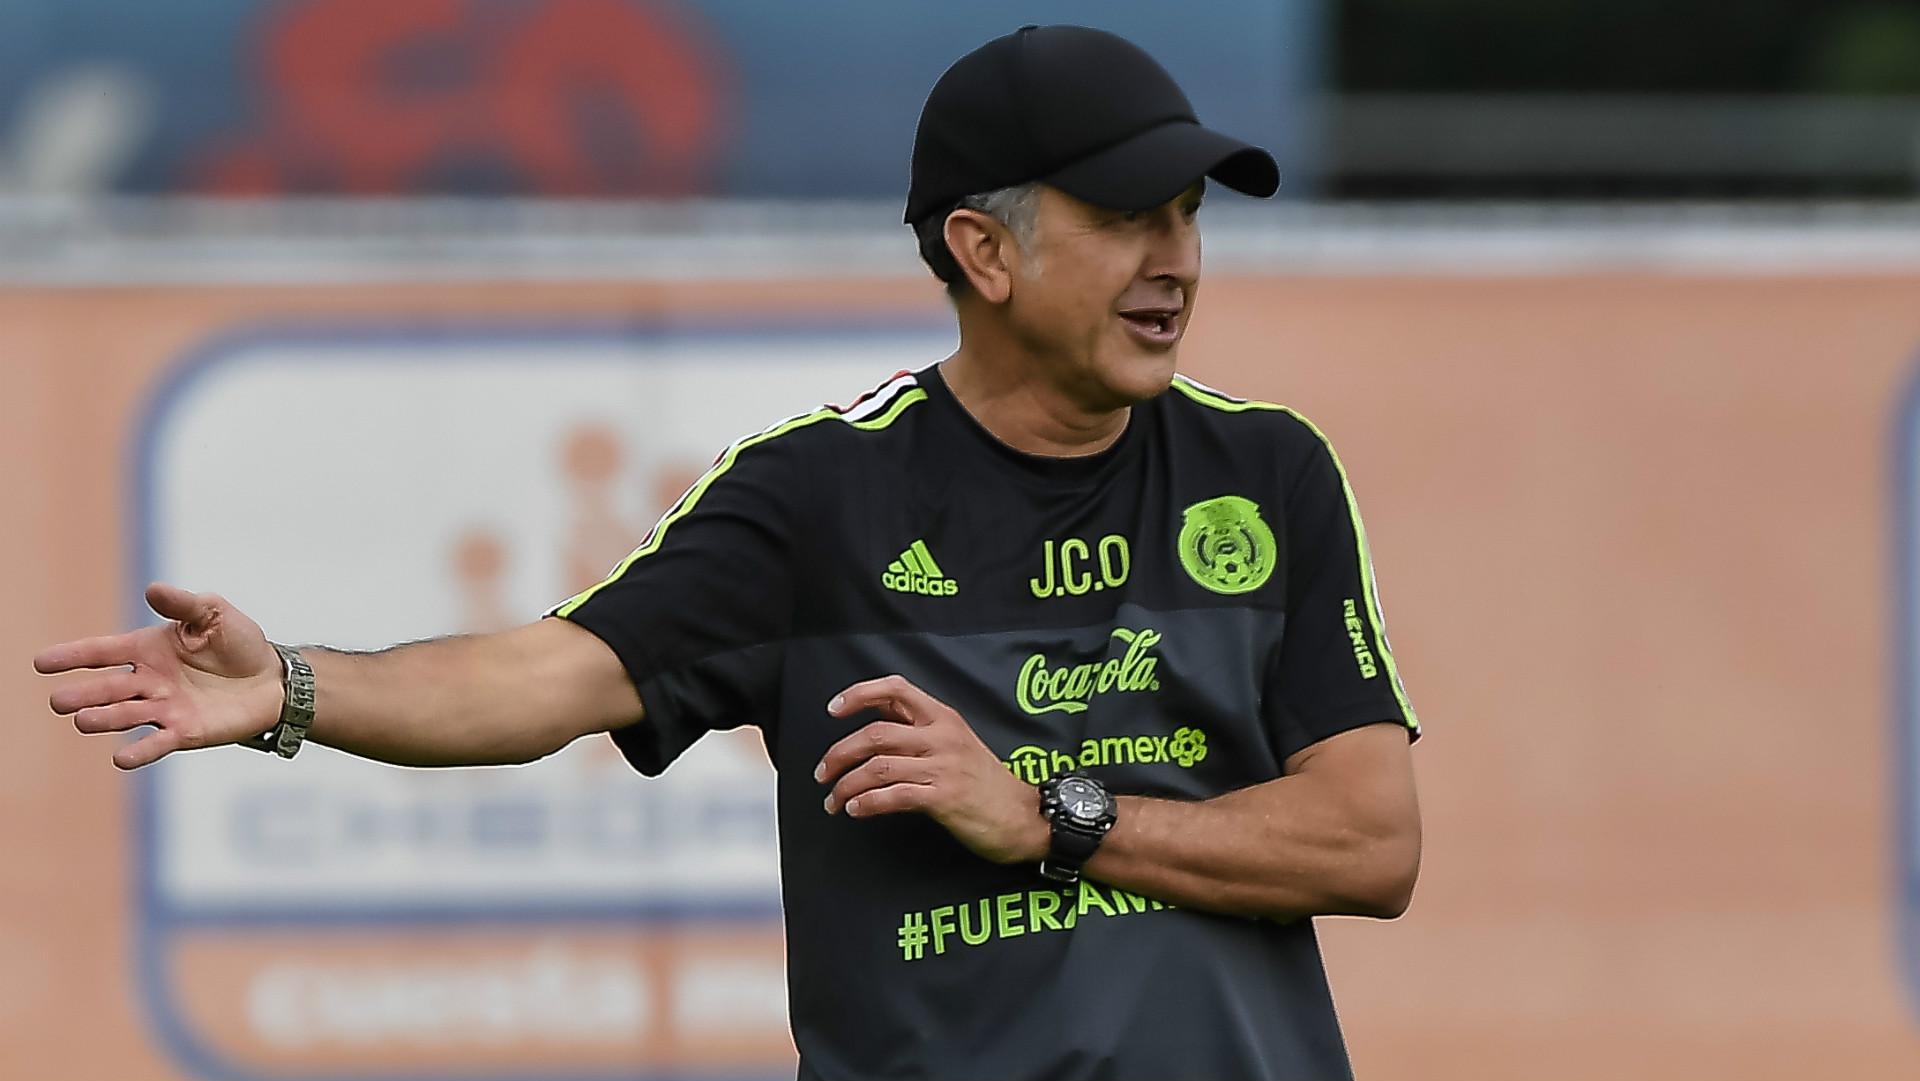 Mexico defeat Trinidad and Tobago, 3-1